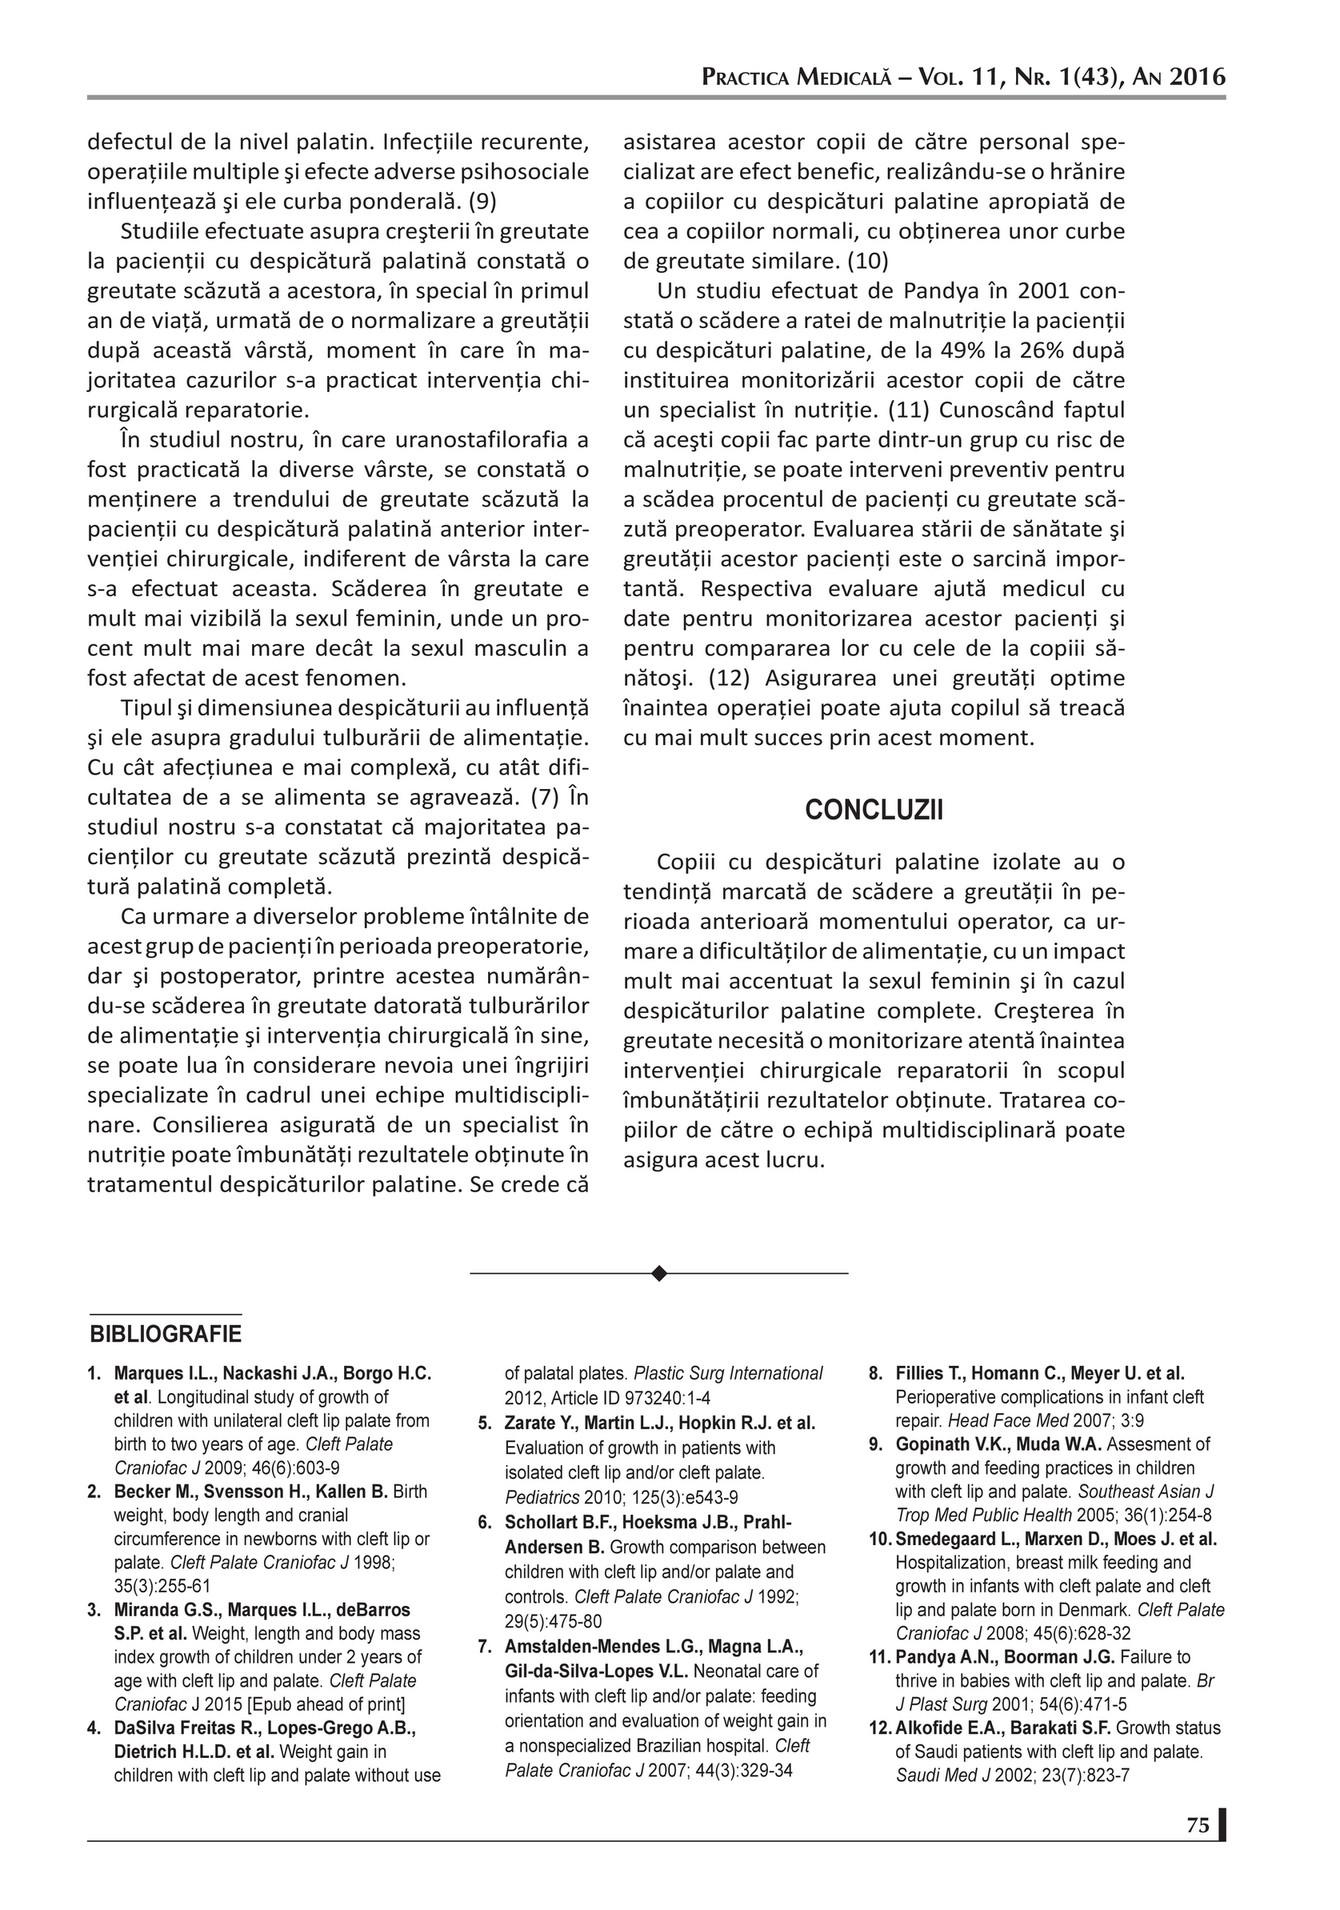 Scaderea in greutate prin interventia chirurgicala - este o solutie? | clirmedia.ro